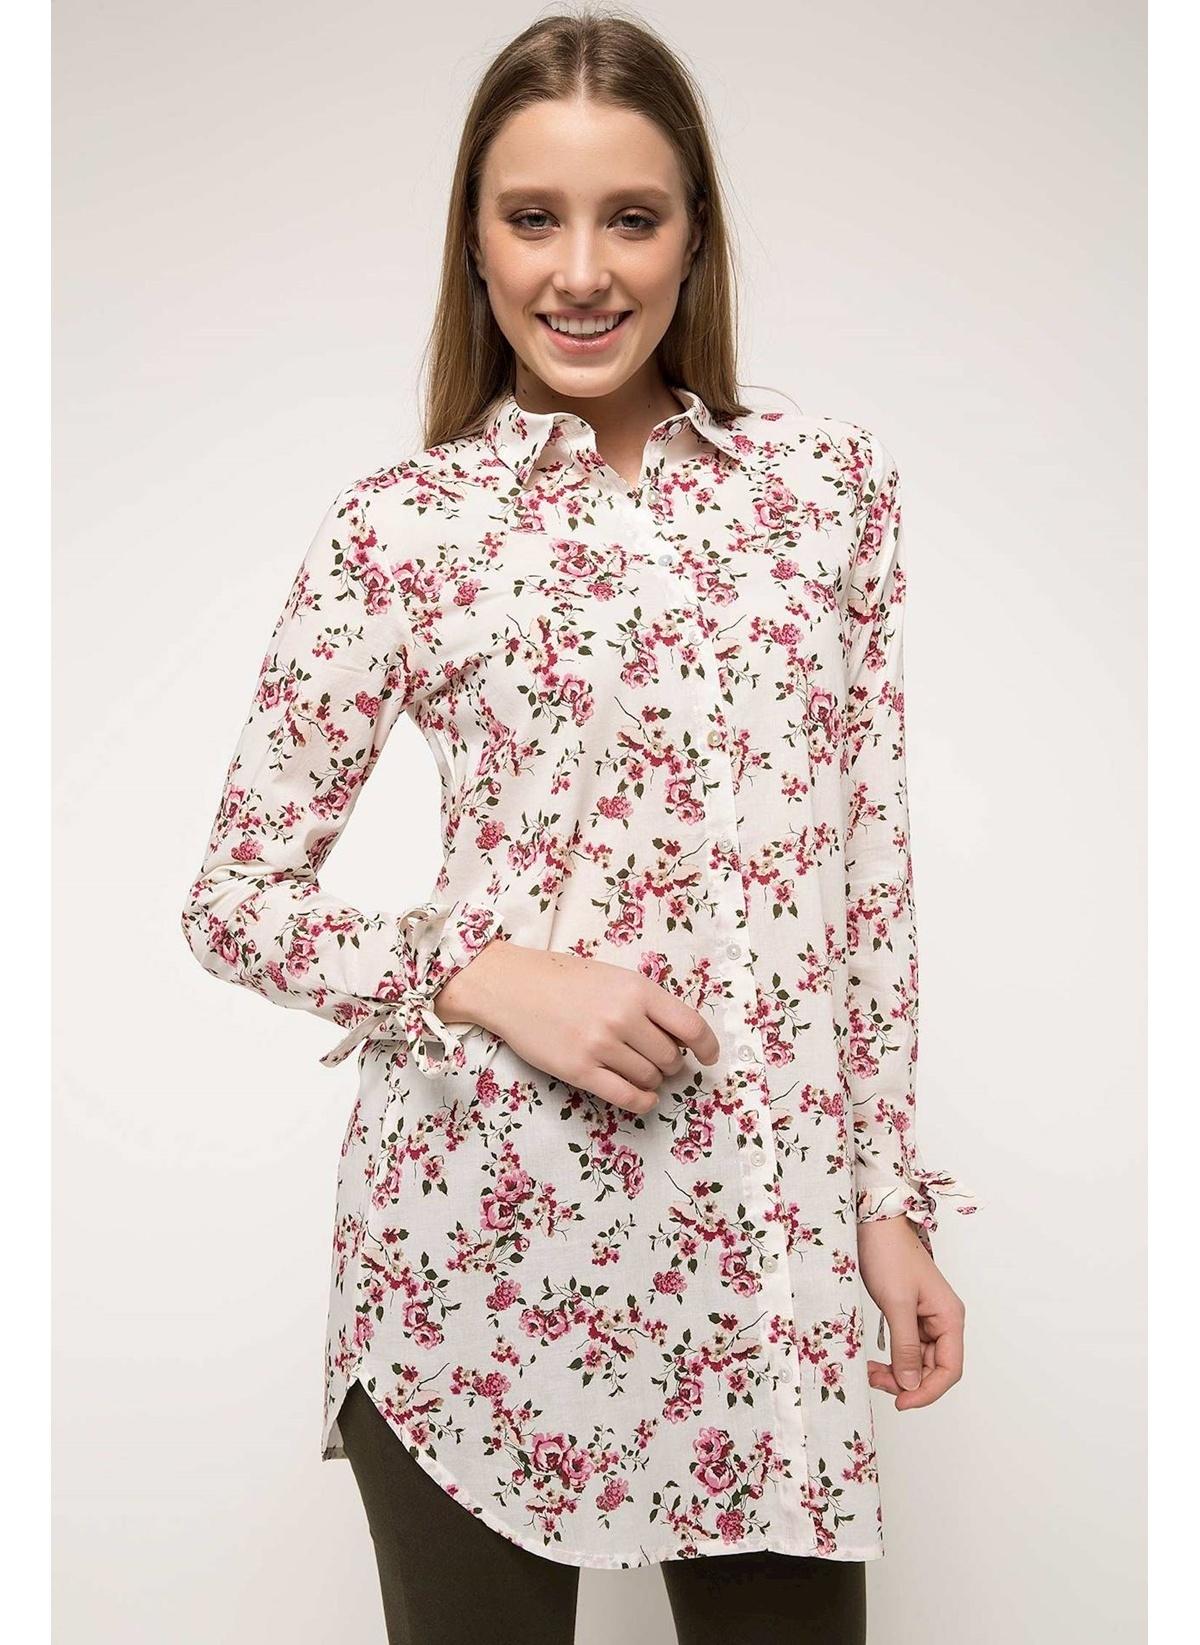 Defacto Floral Desenli Gömlek Tunik H9398az18smer105tunik – 49.99 TL